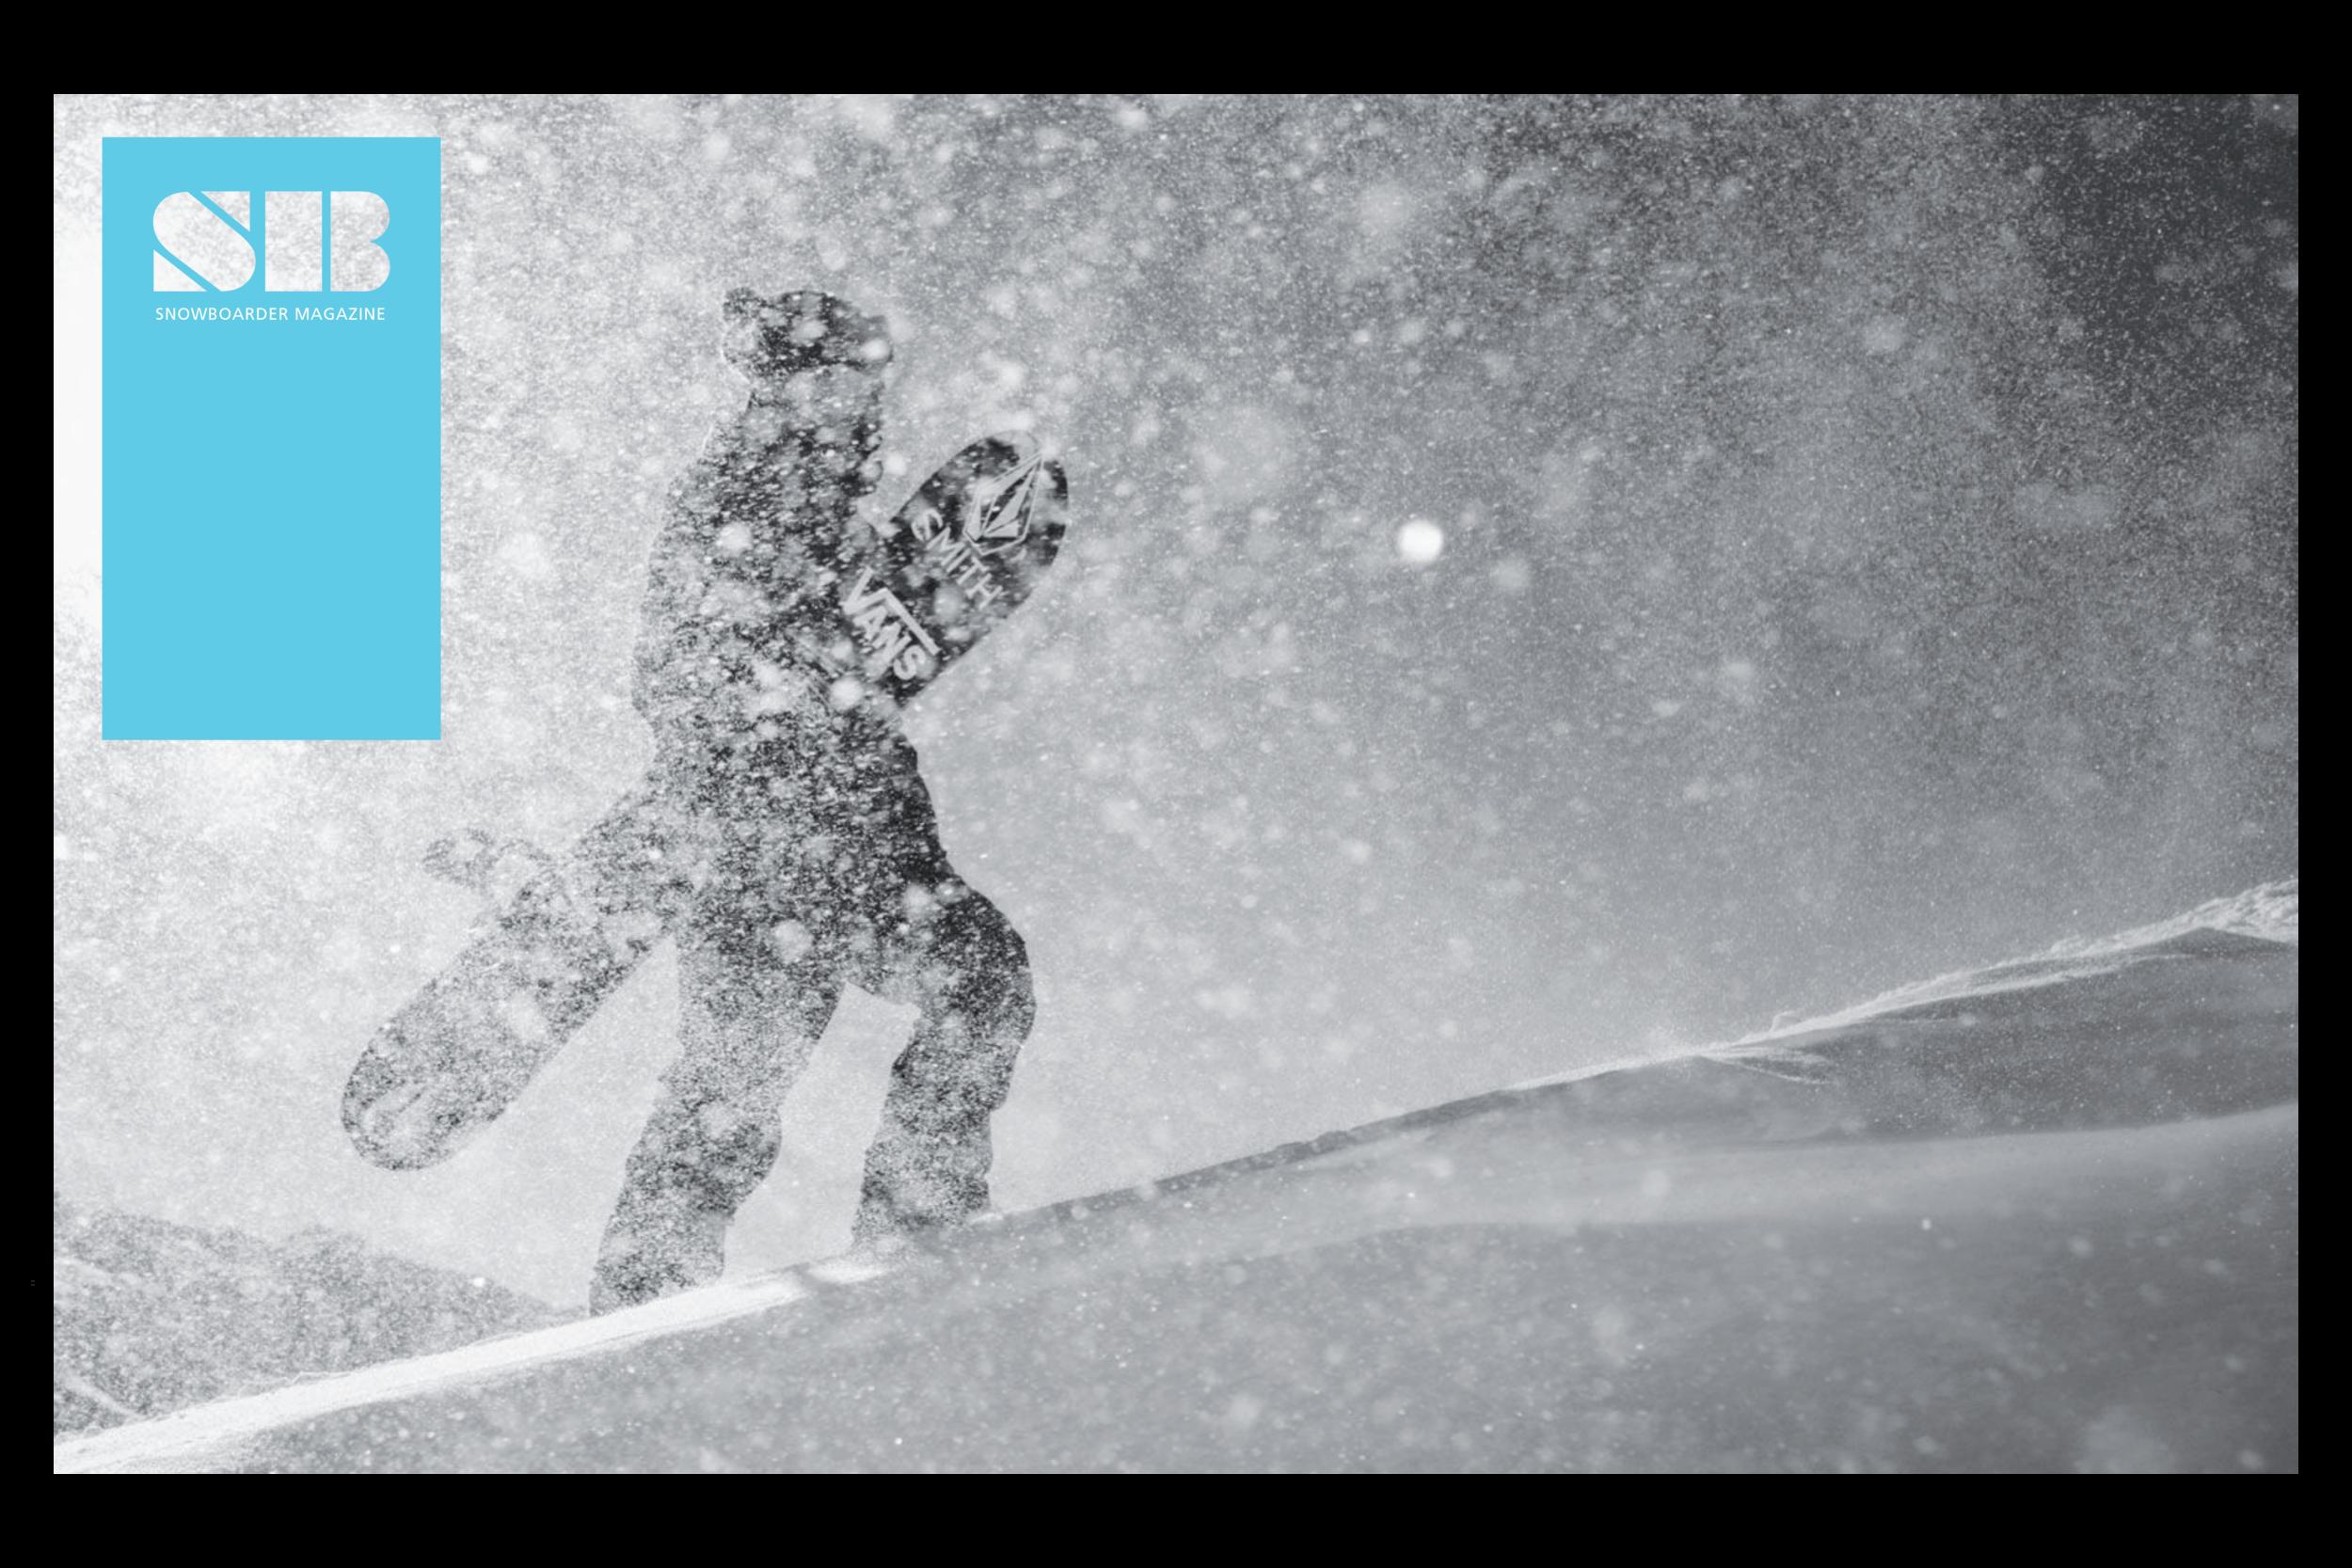 snowboarder_title.jpg